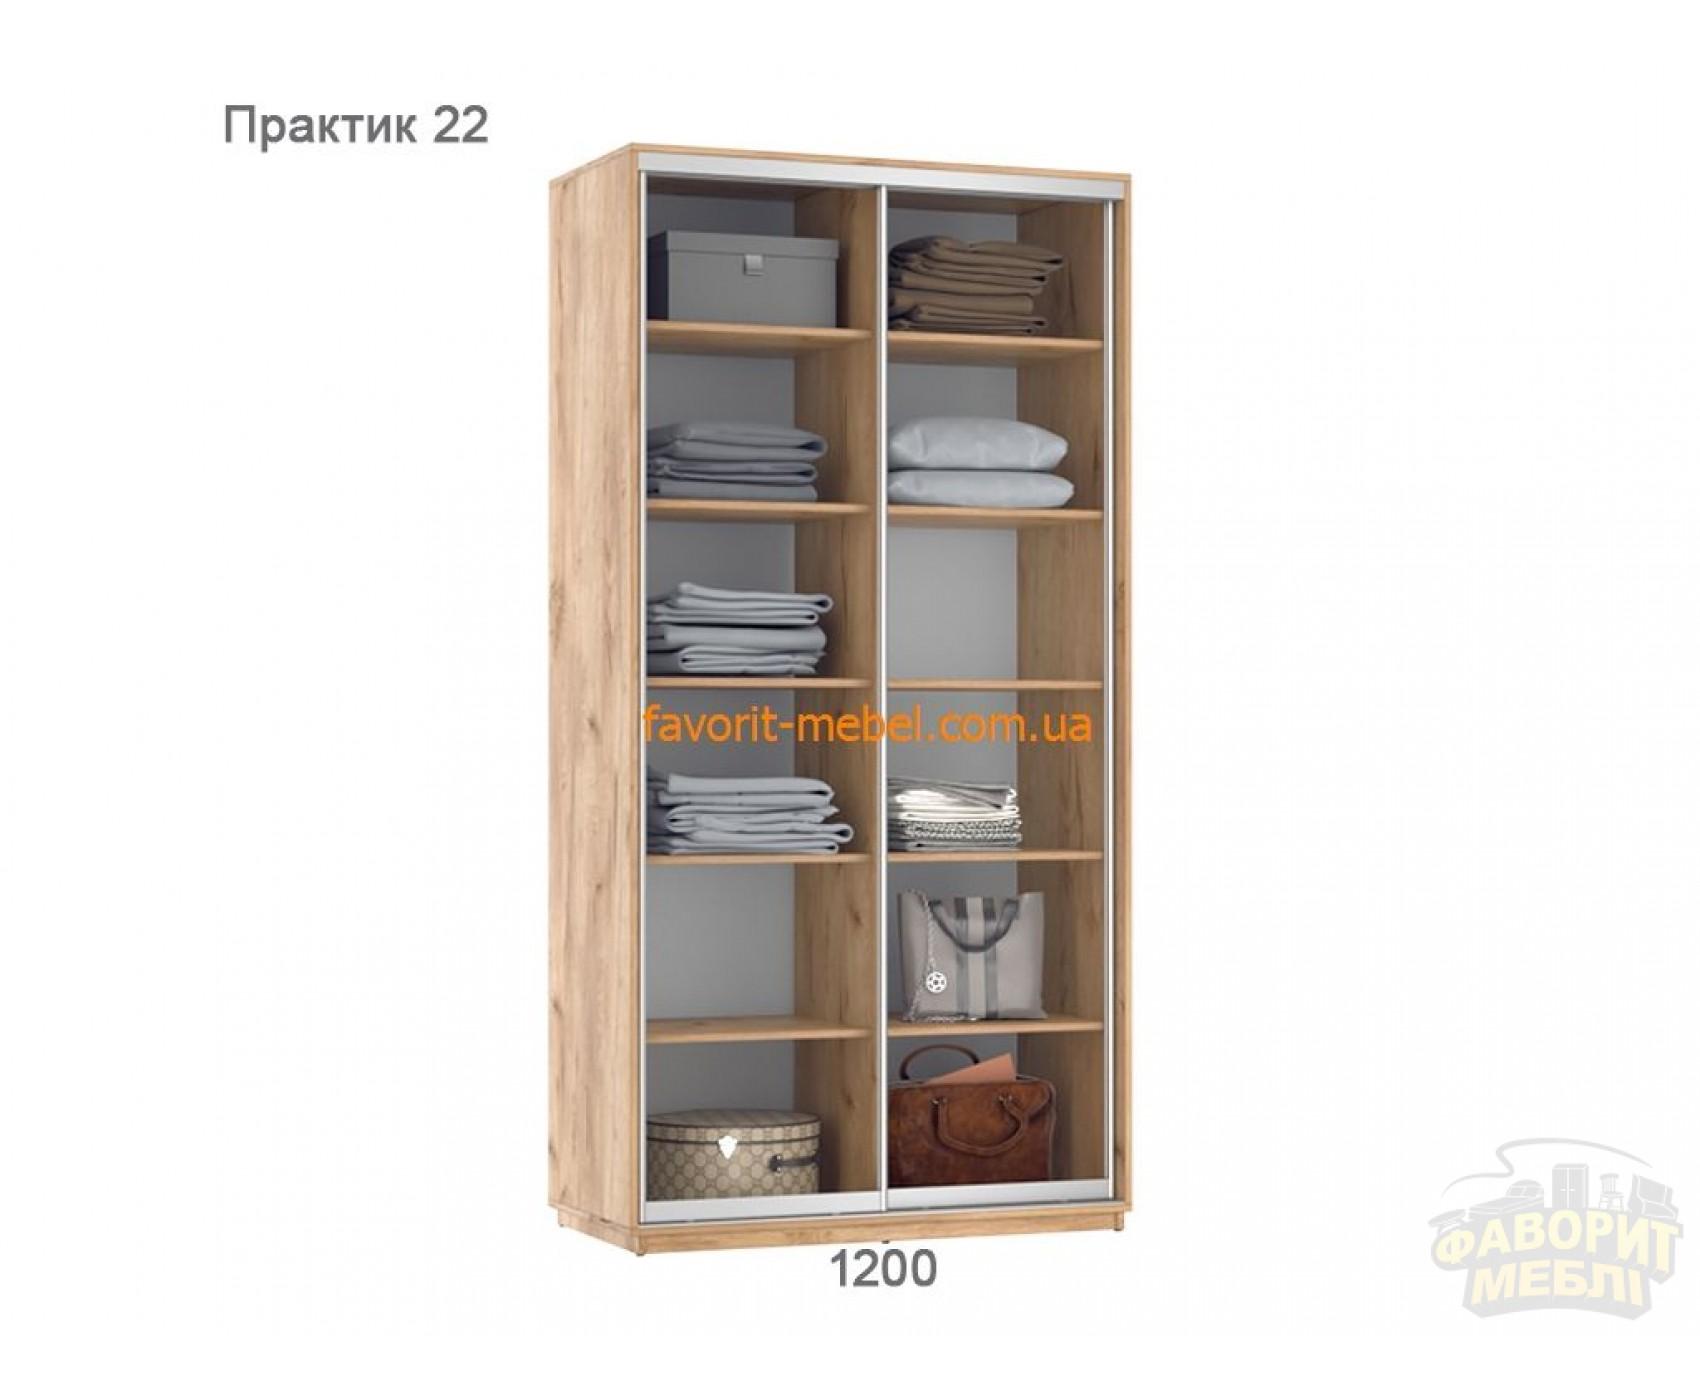 Шкаф купе Практик 22 (120х60х240 см)